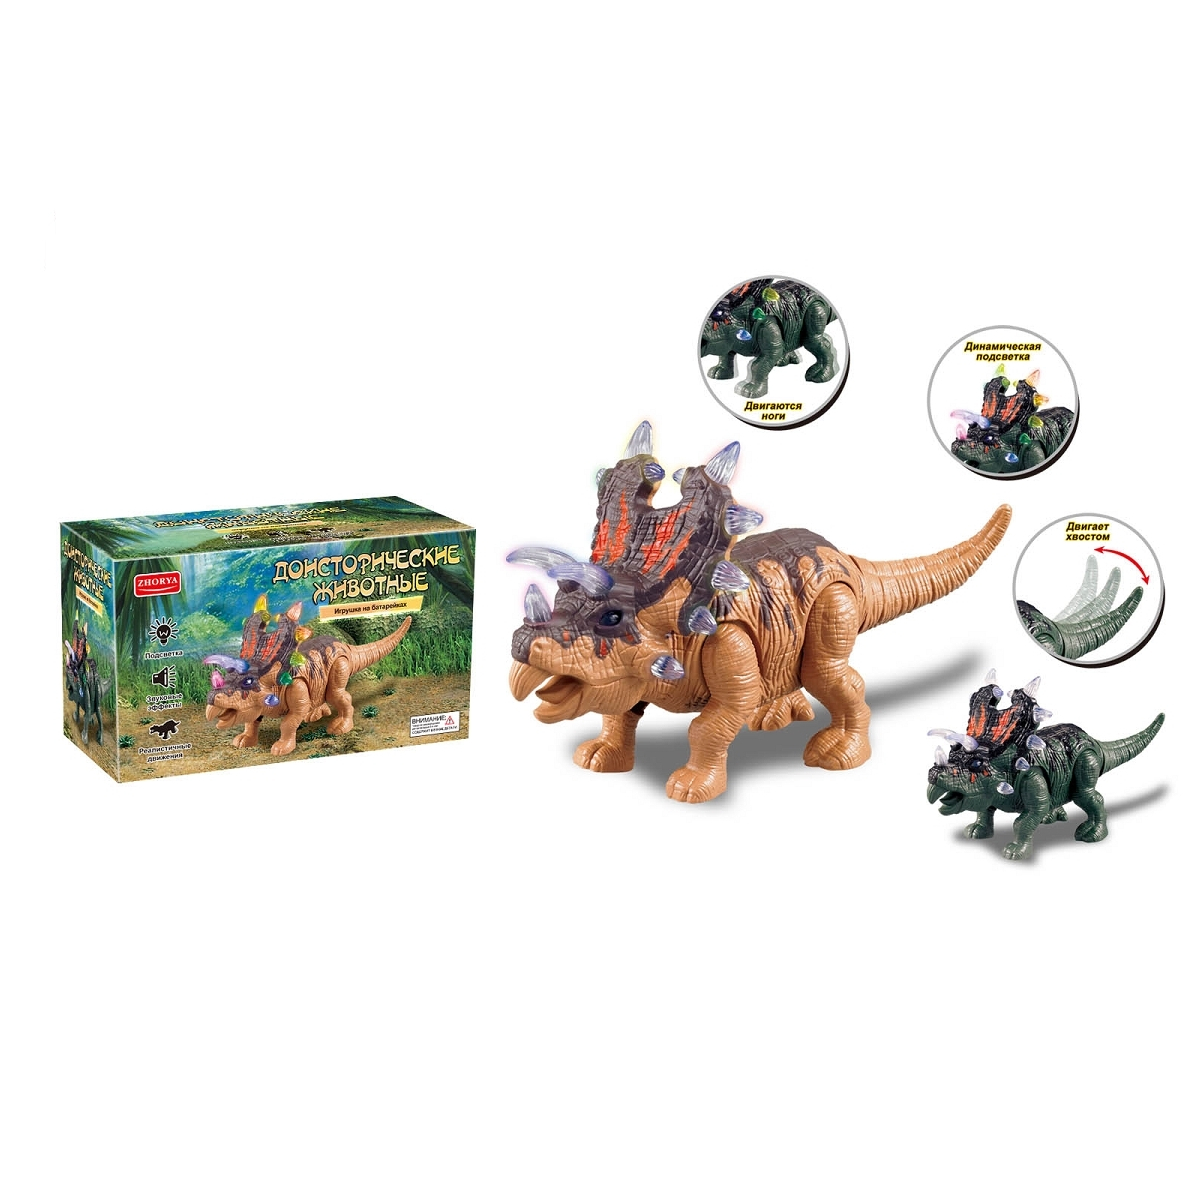 Динозавр со световыми и звуковыми эффектамиИнтерактивные игрушки<br>Динозавр со световыми и звуковыми эффектами<br>